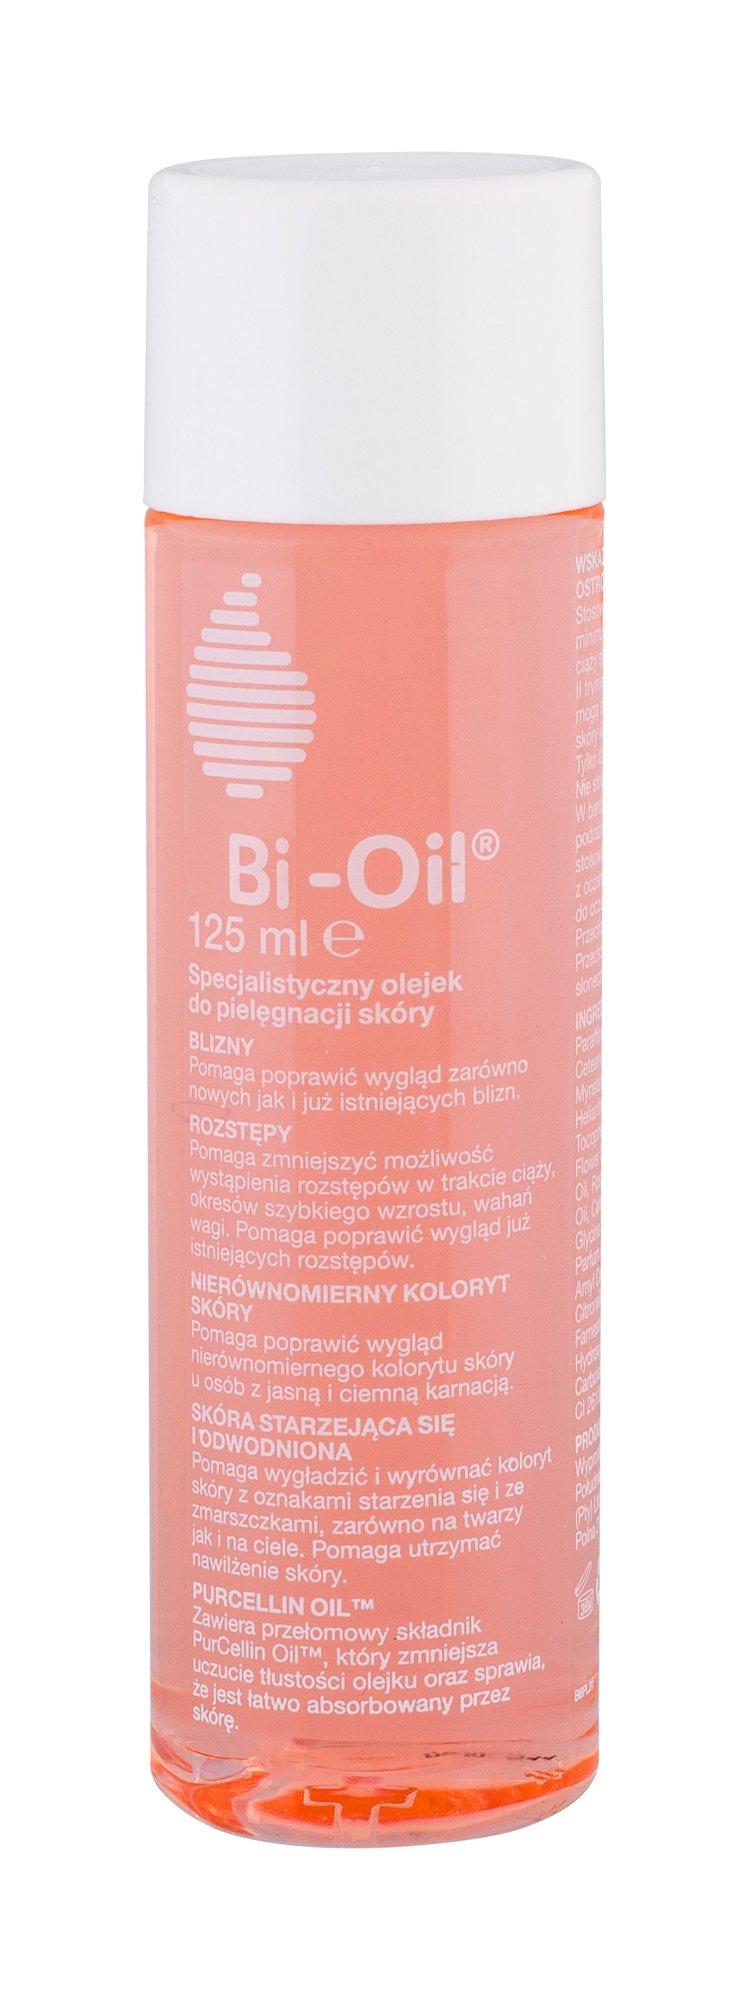 Bi-Oil PurCellin Oil Cosmetic 125ml